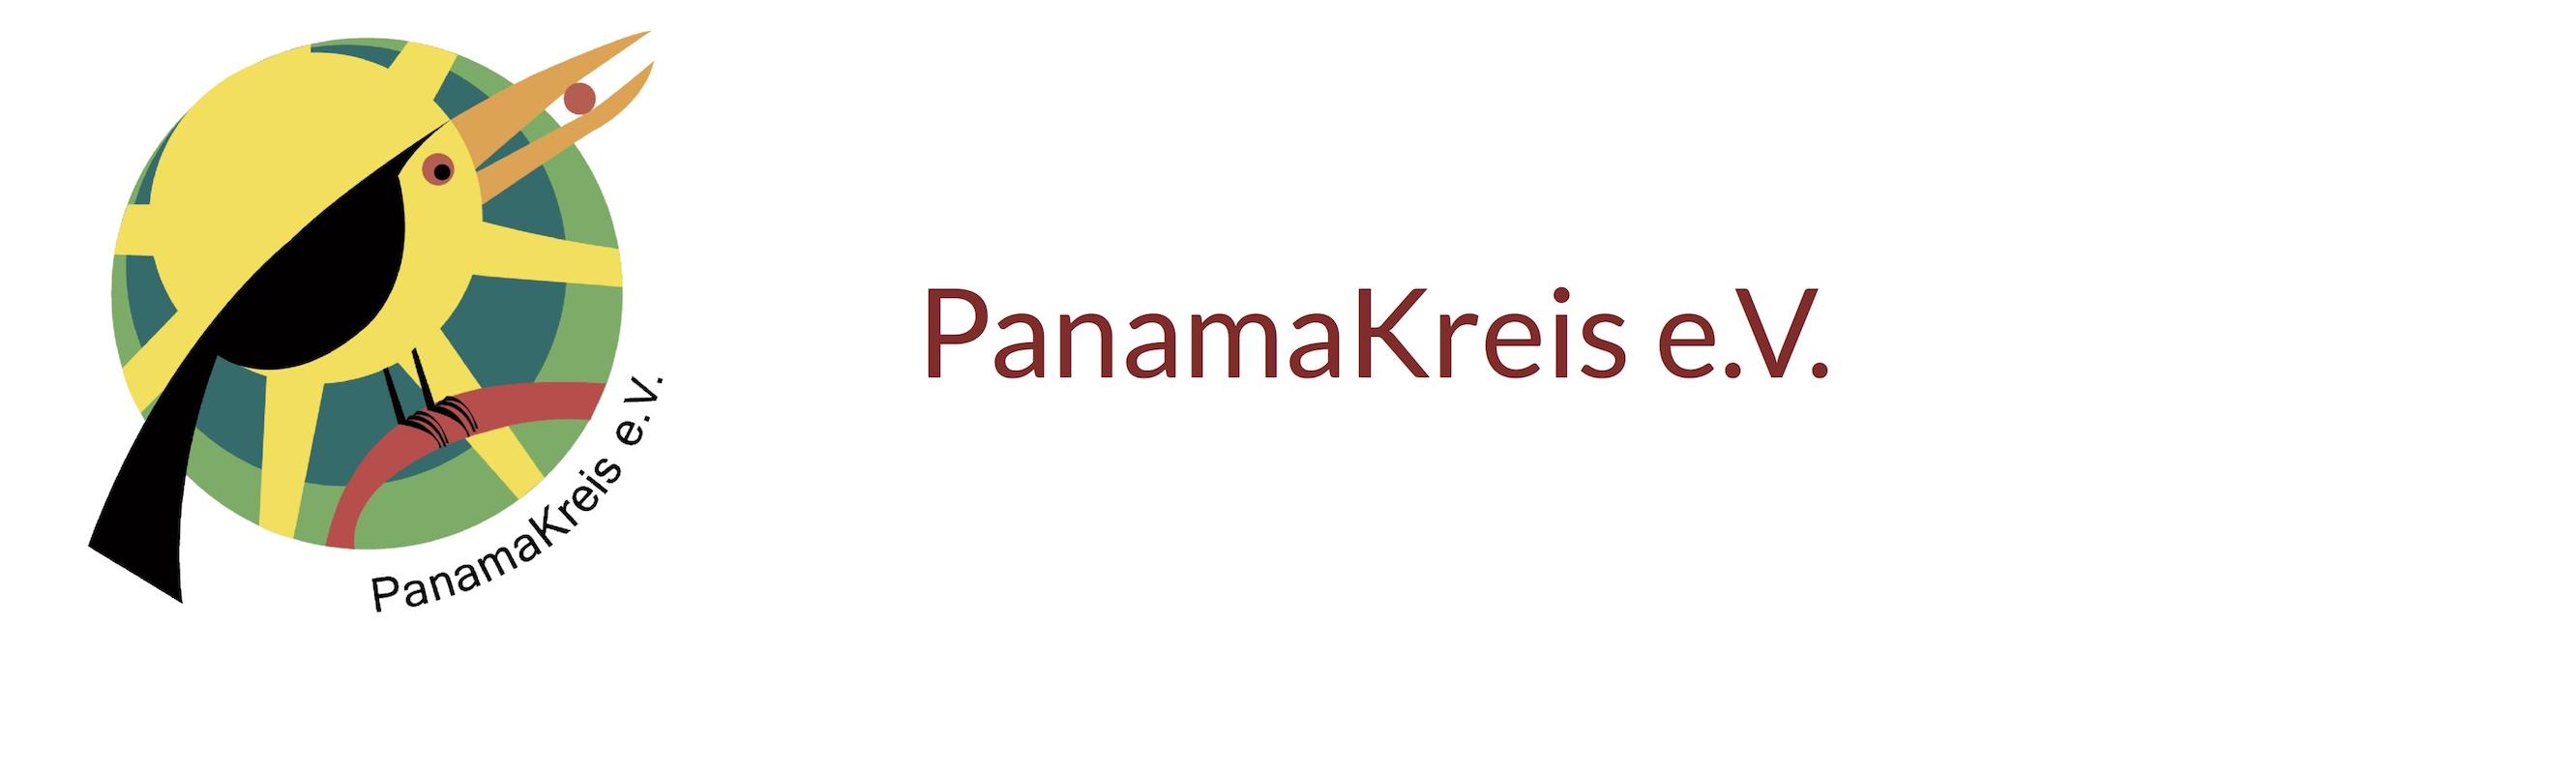 PanamaKreis e.V.